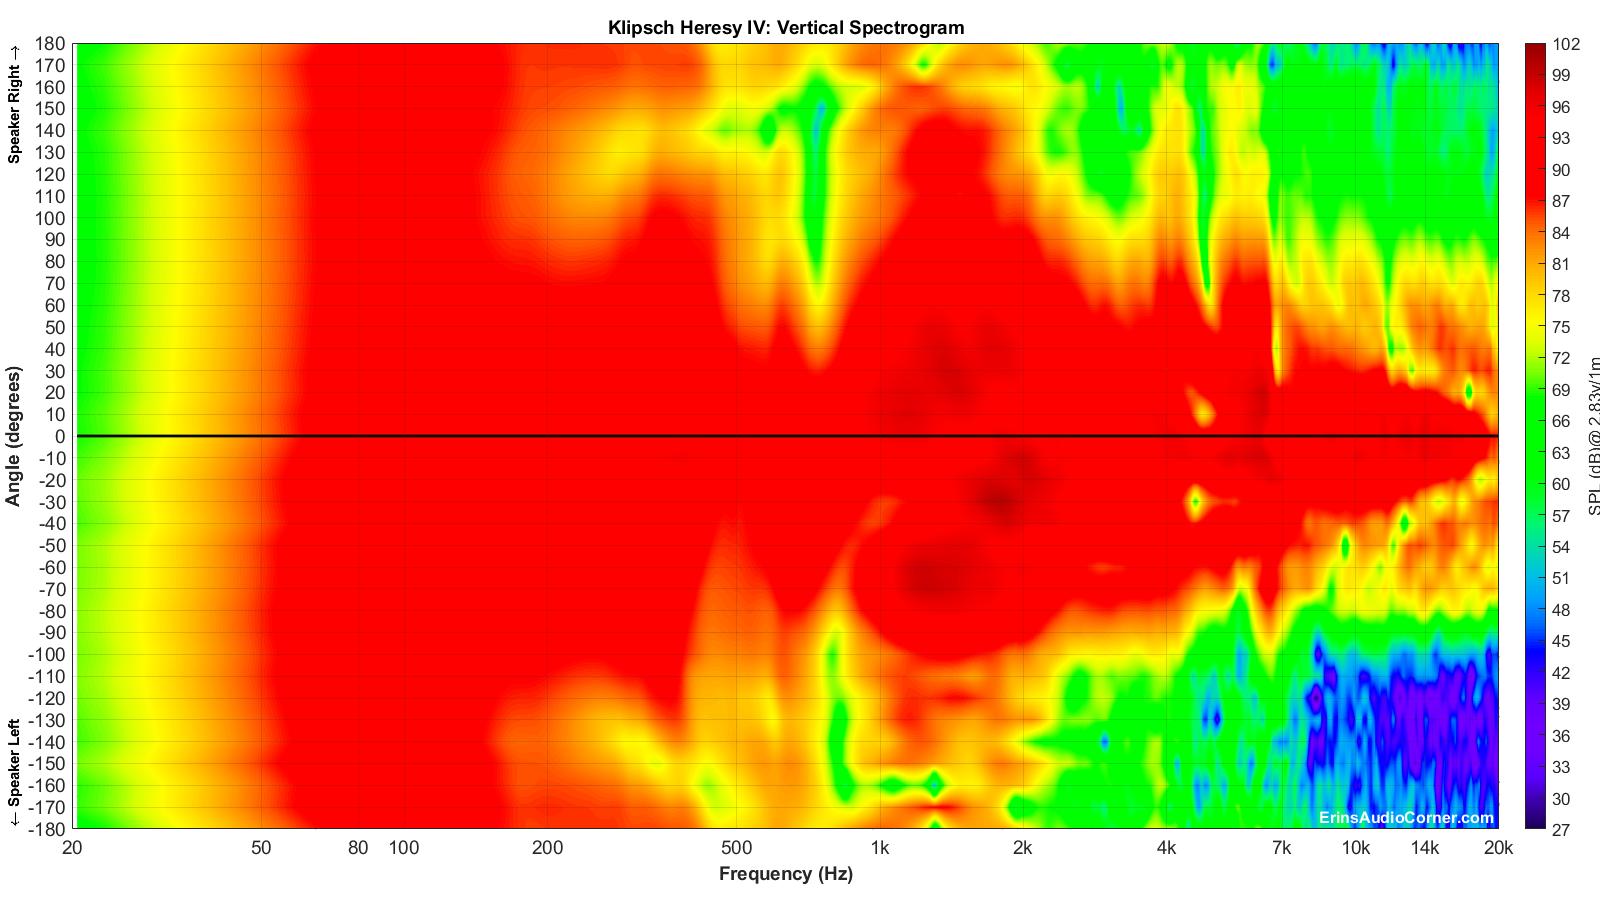 Klipsch Heresy IV_Vertical_Spectrogram_Full.png